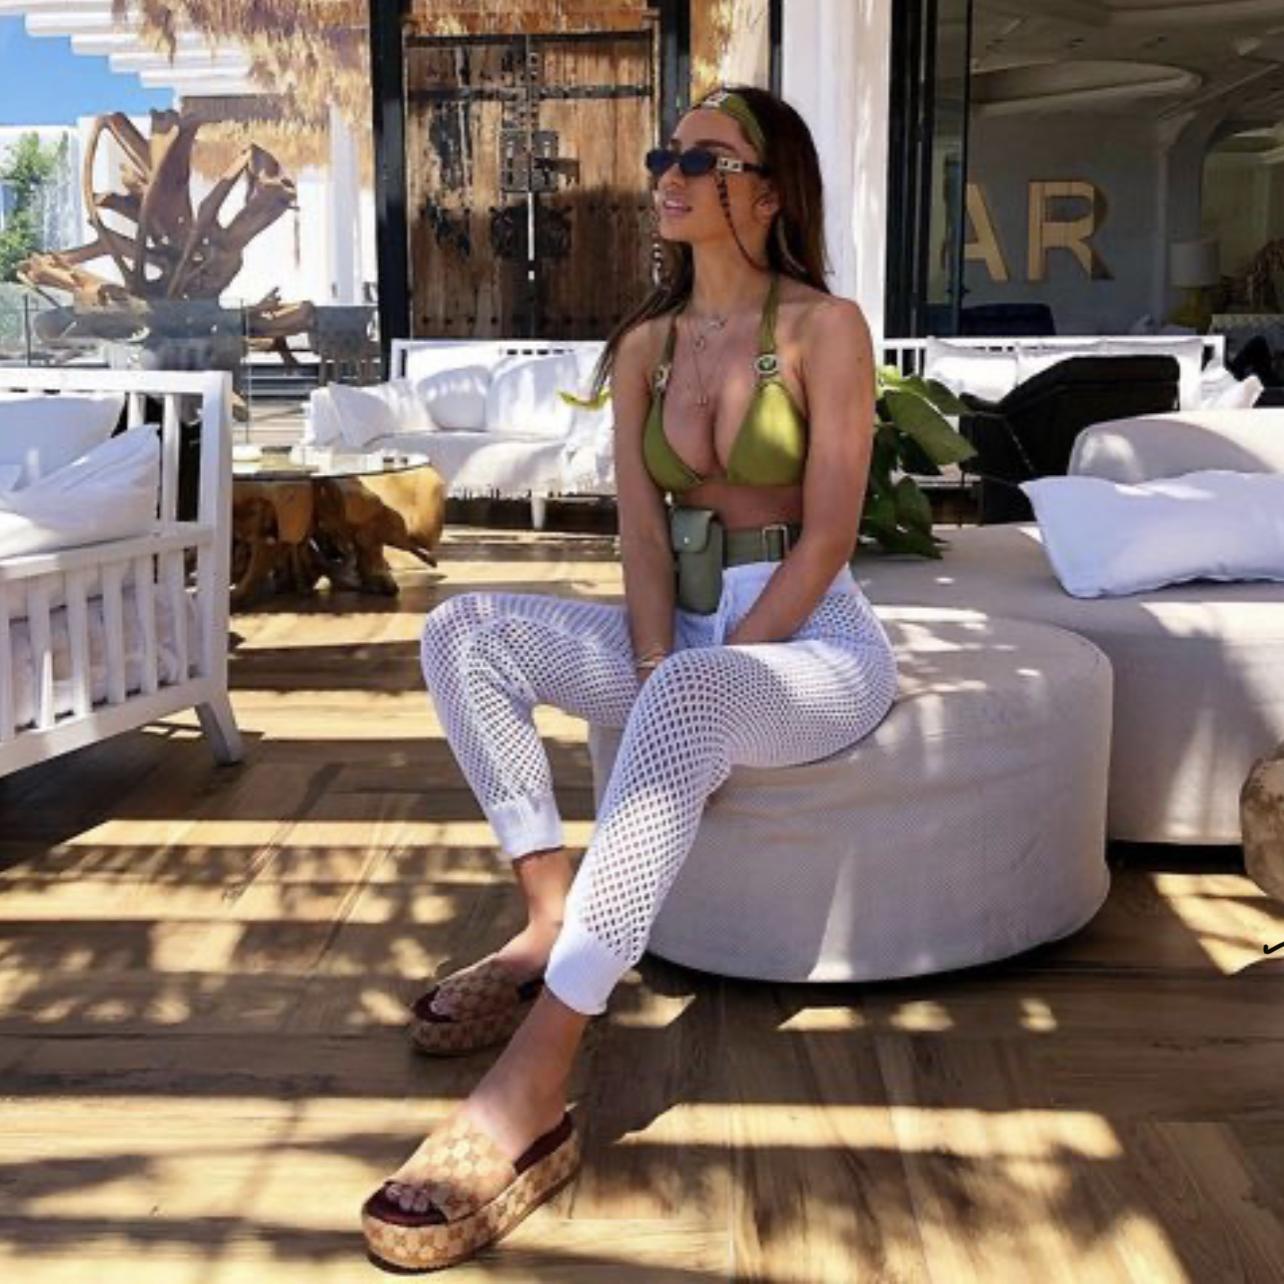 Руби Мэй — возлюбленная полузащитника «Тоттенхэм Хотспур» Деле Алли